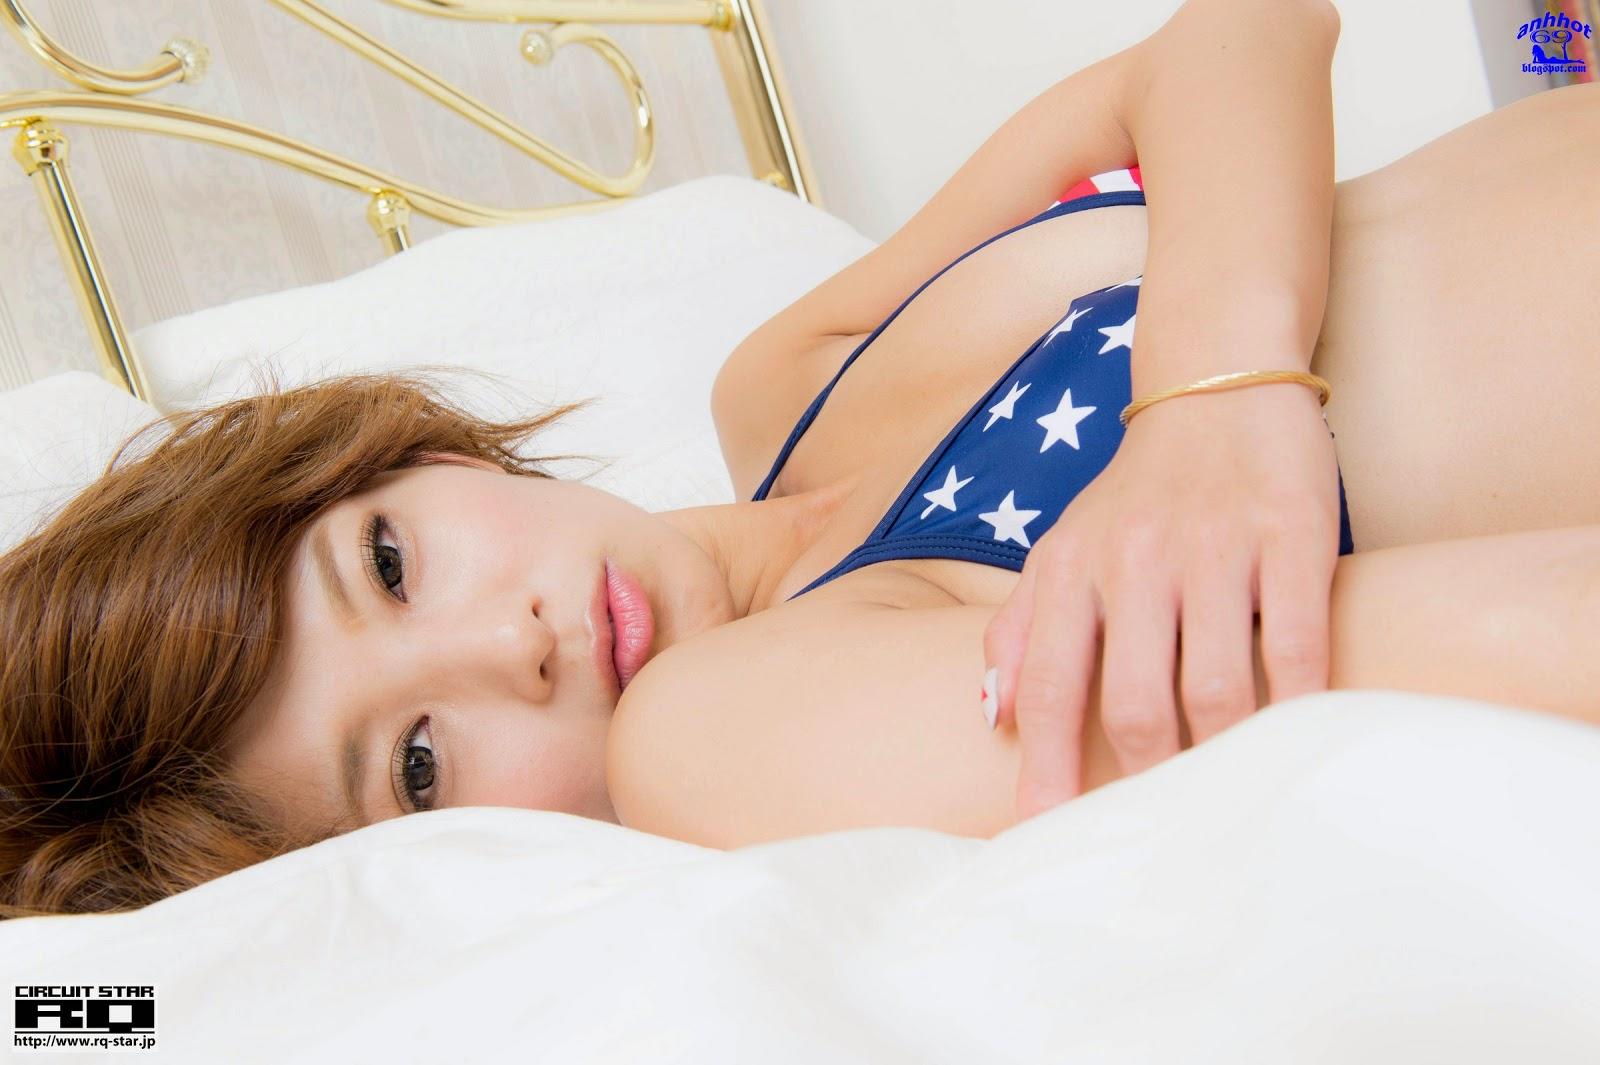 yoshika-tsujii_RQ-Star-No.965_114